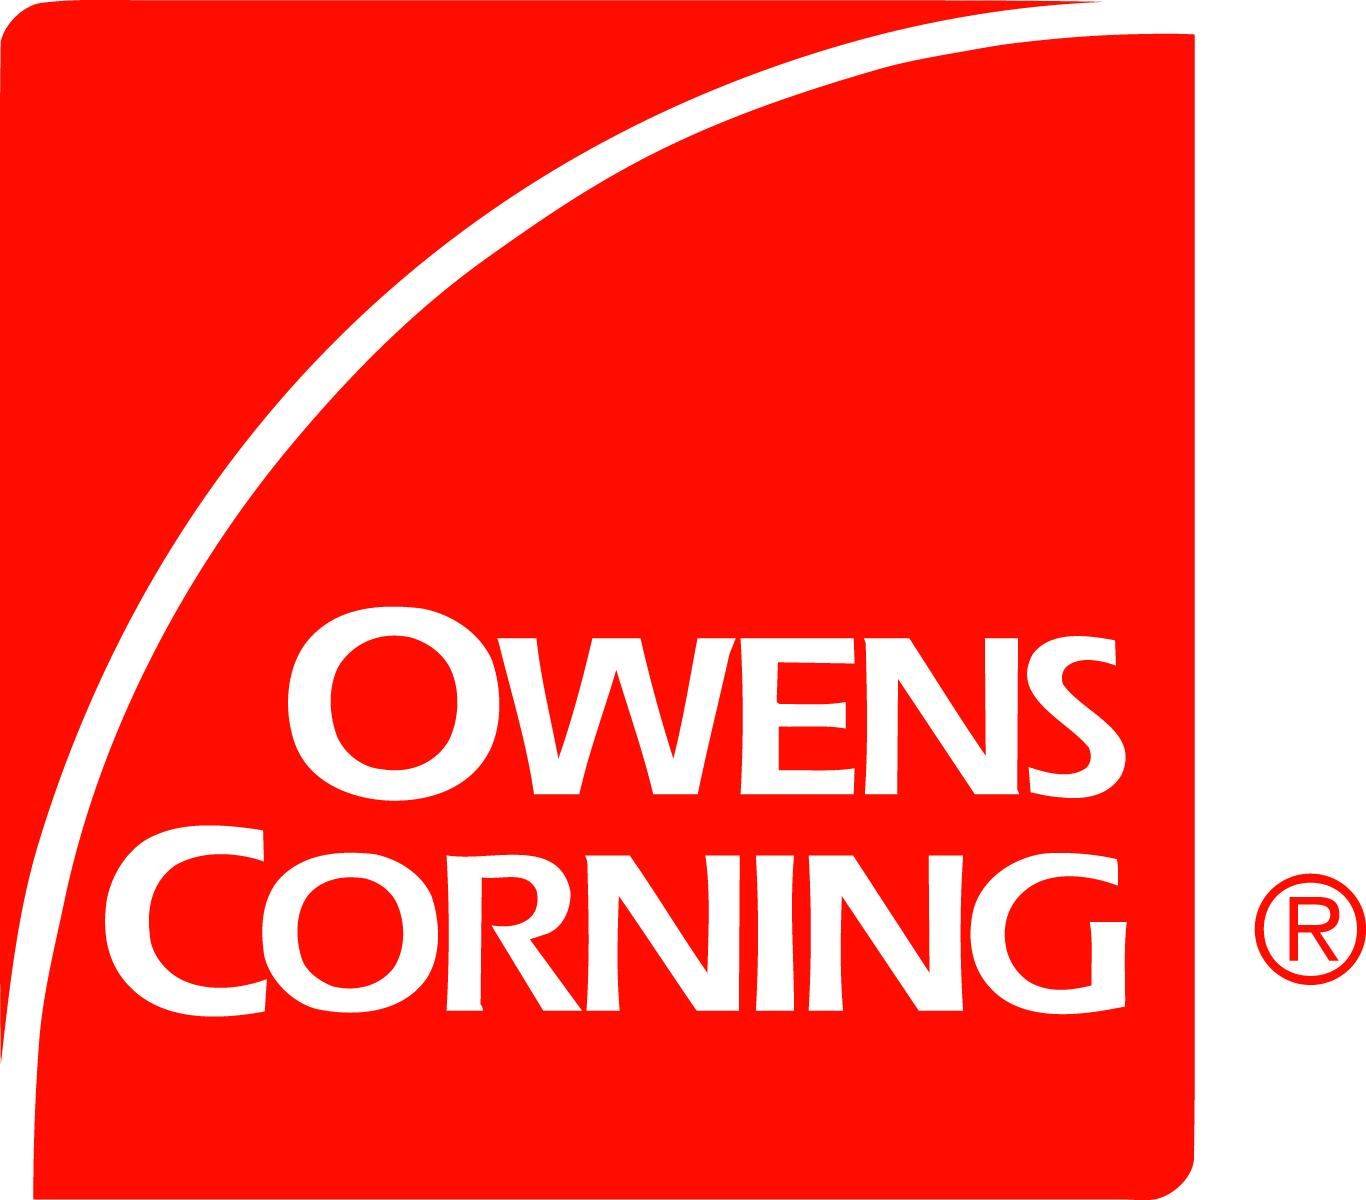 owencorning